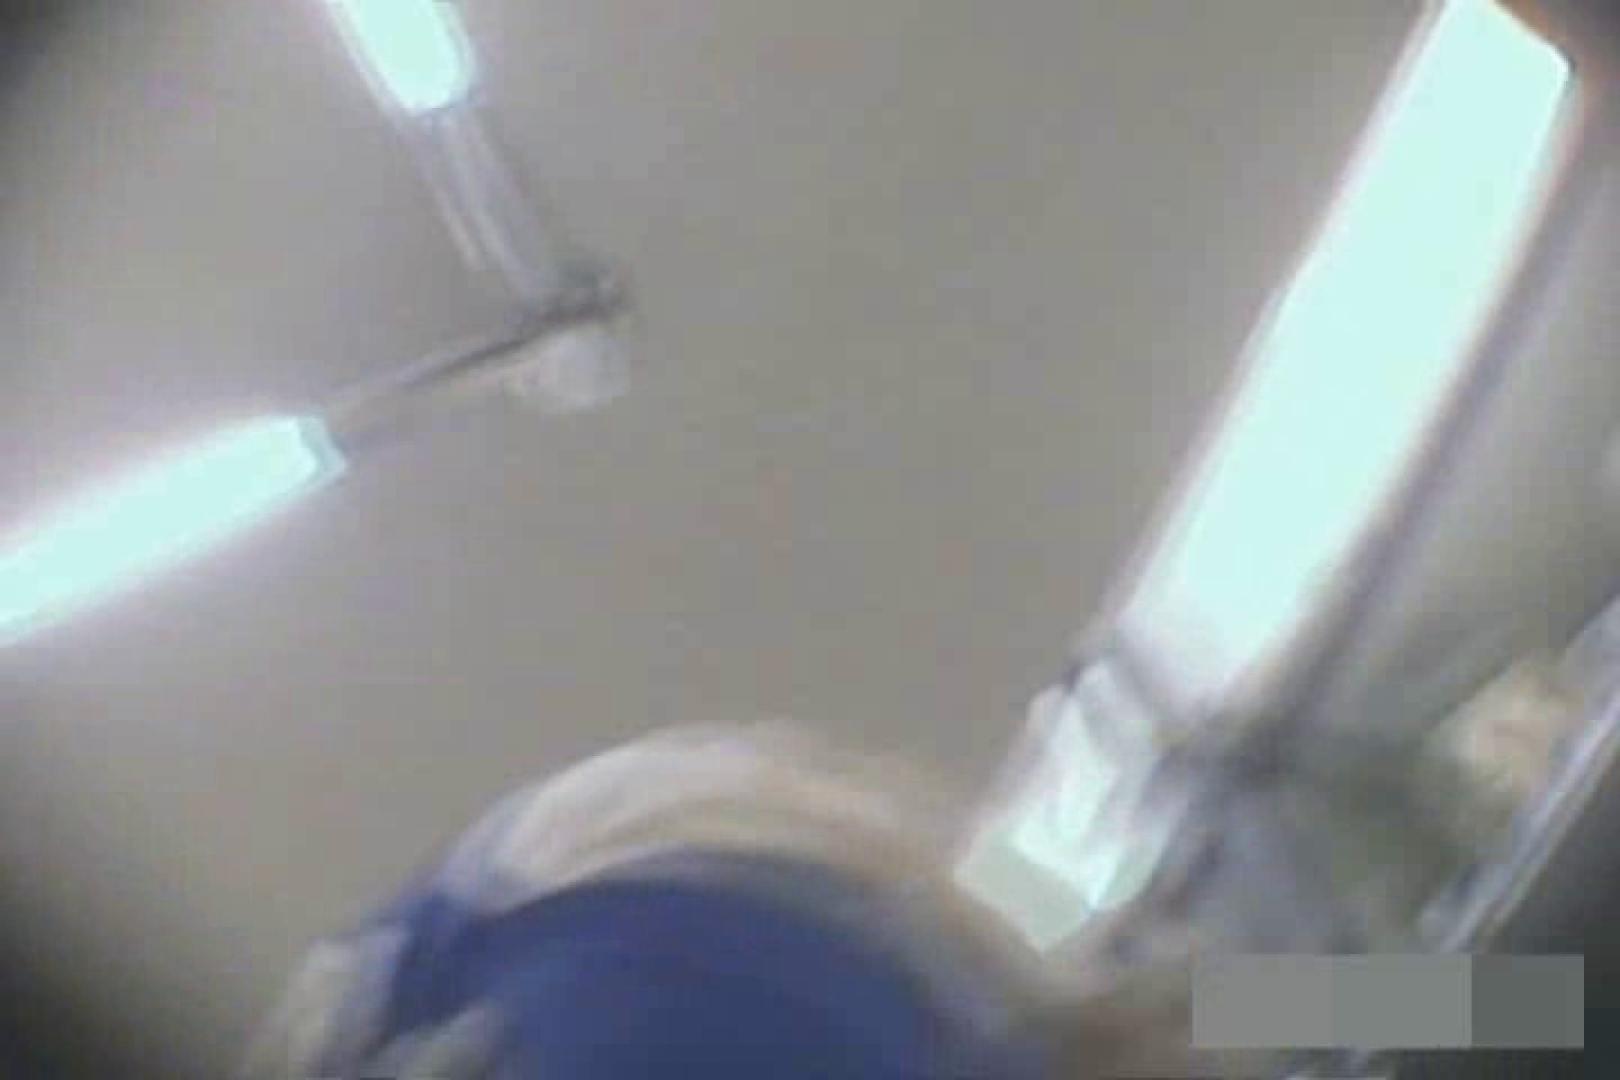 パンチラ七変化!!Vol.1 ナースの実態 オマンコ無修正動画無料 79pic 4